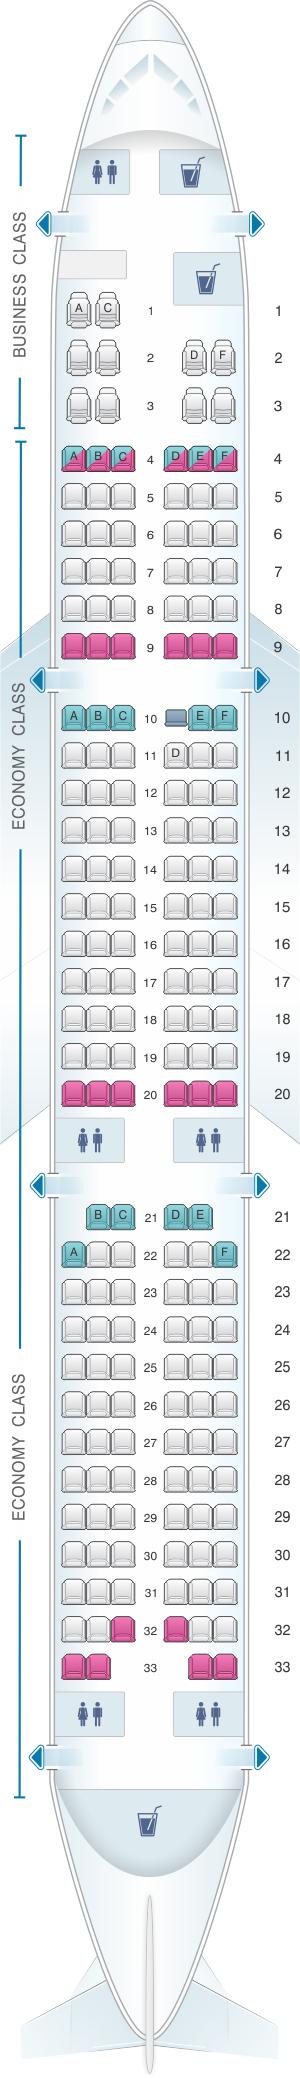 Seat Map Egyptair Airbus A321 231 Egyptair Allegiant Air